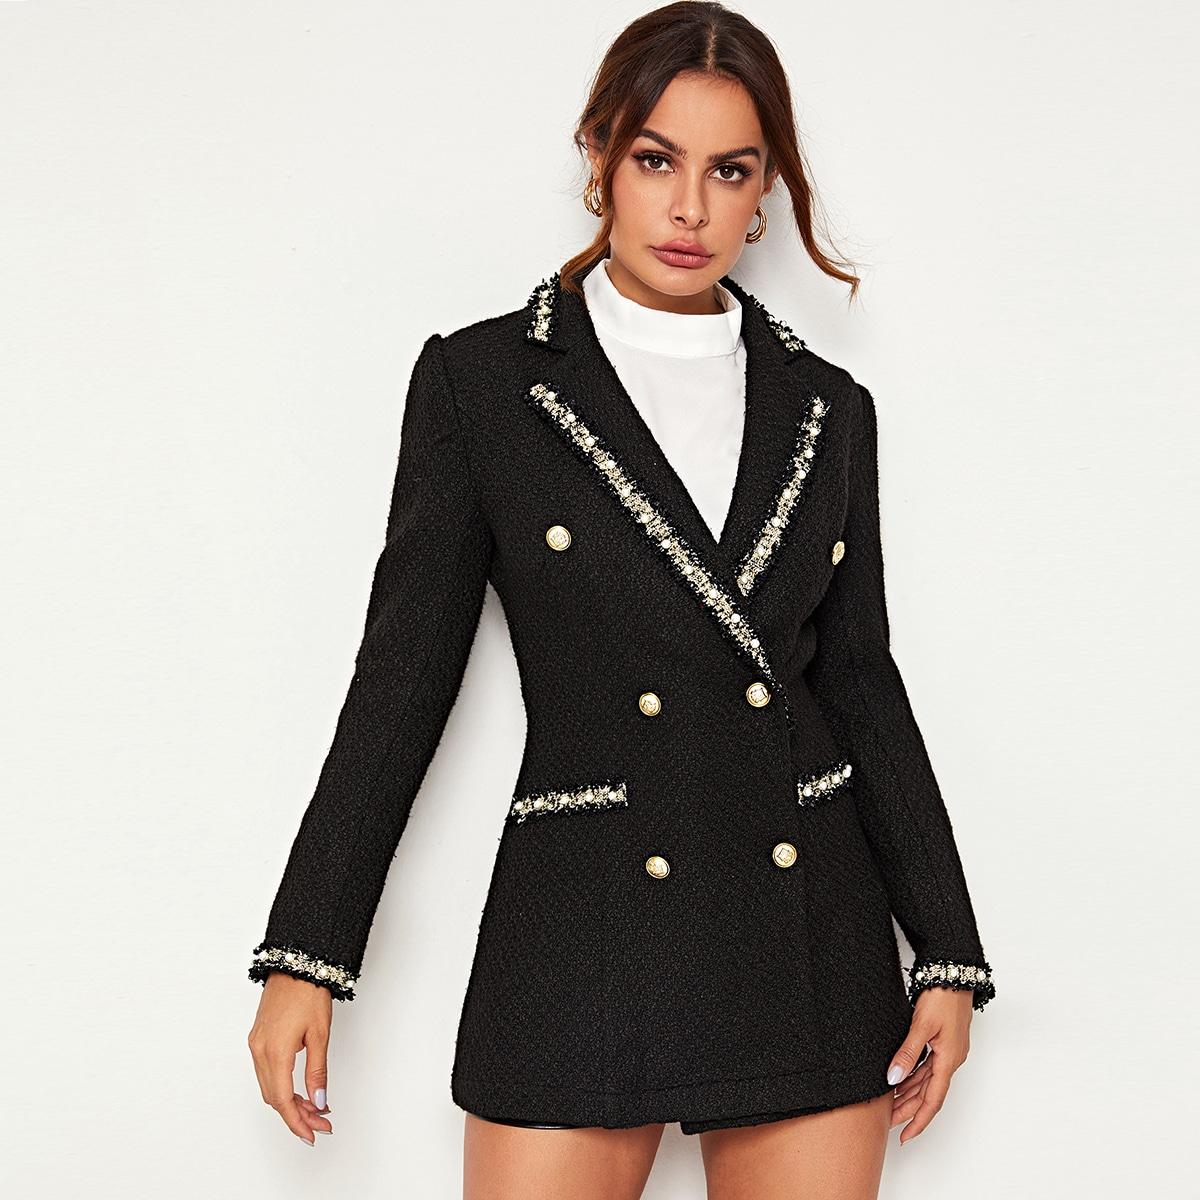 Твидовый пиджак с контрастной отделкой и жемчугом от SHEIN